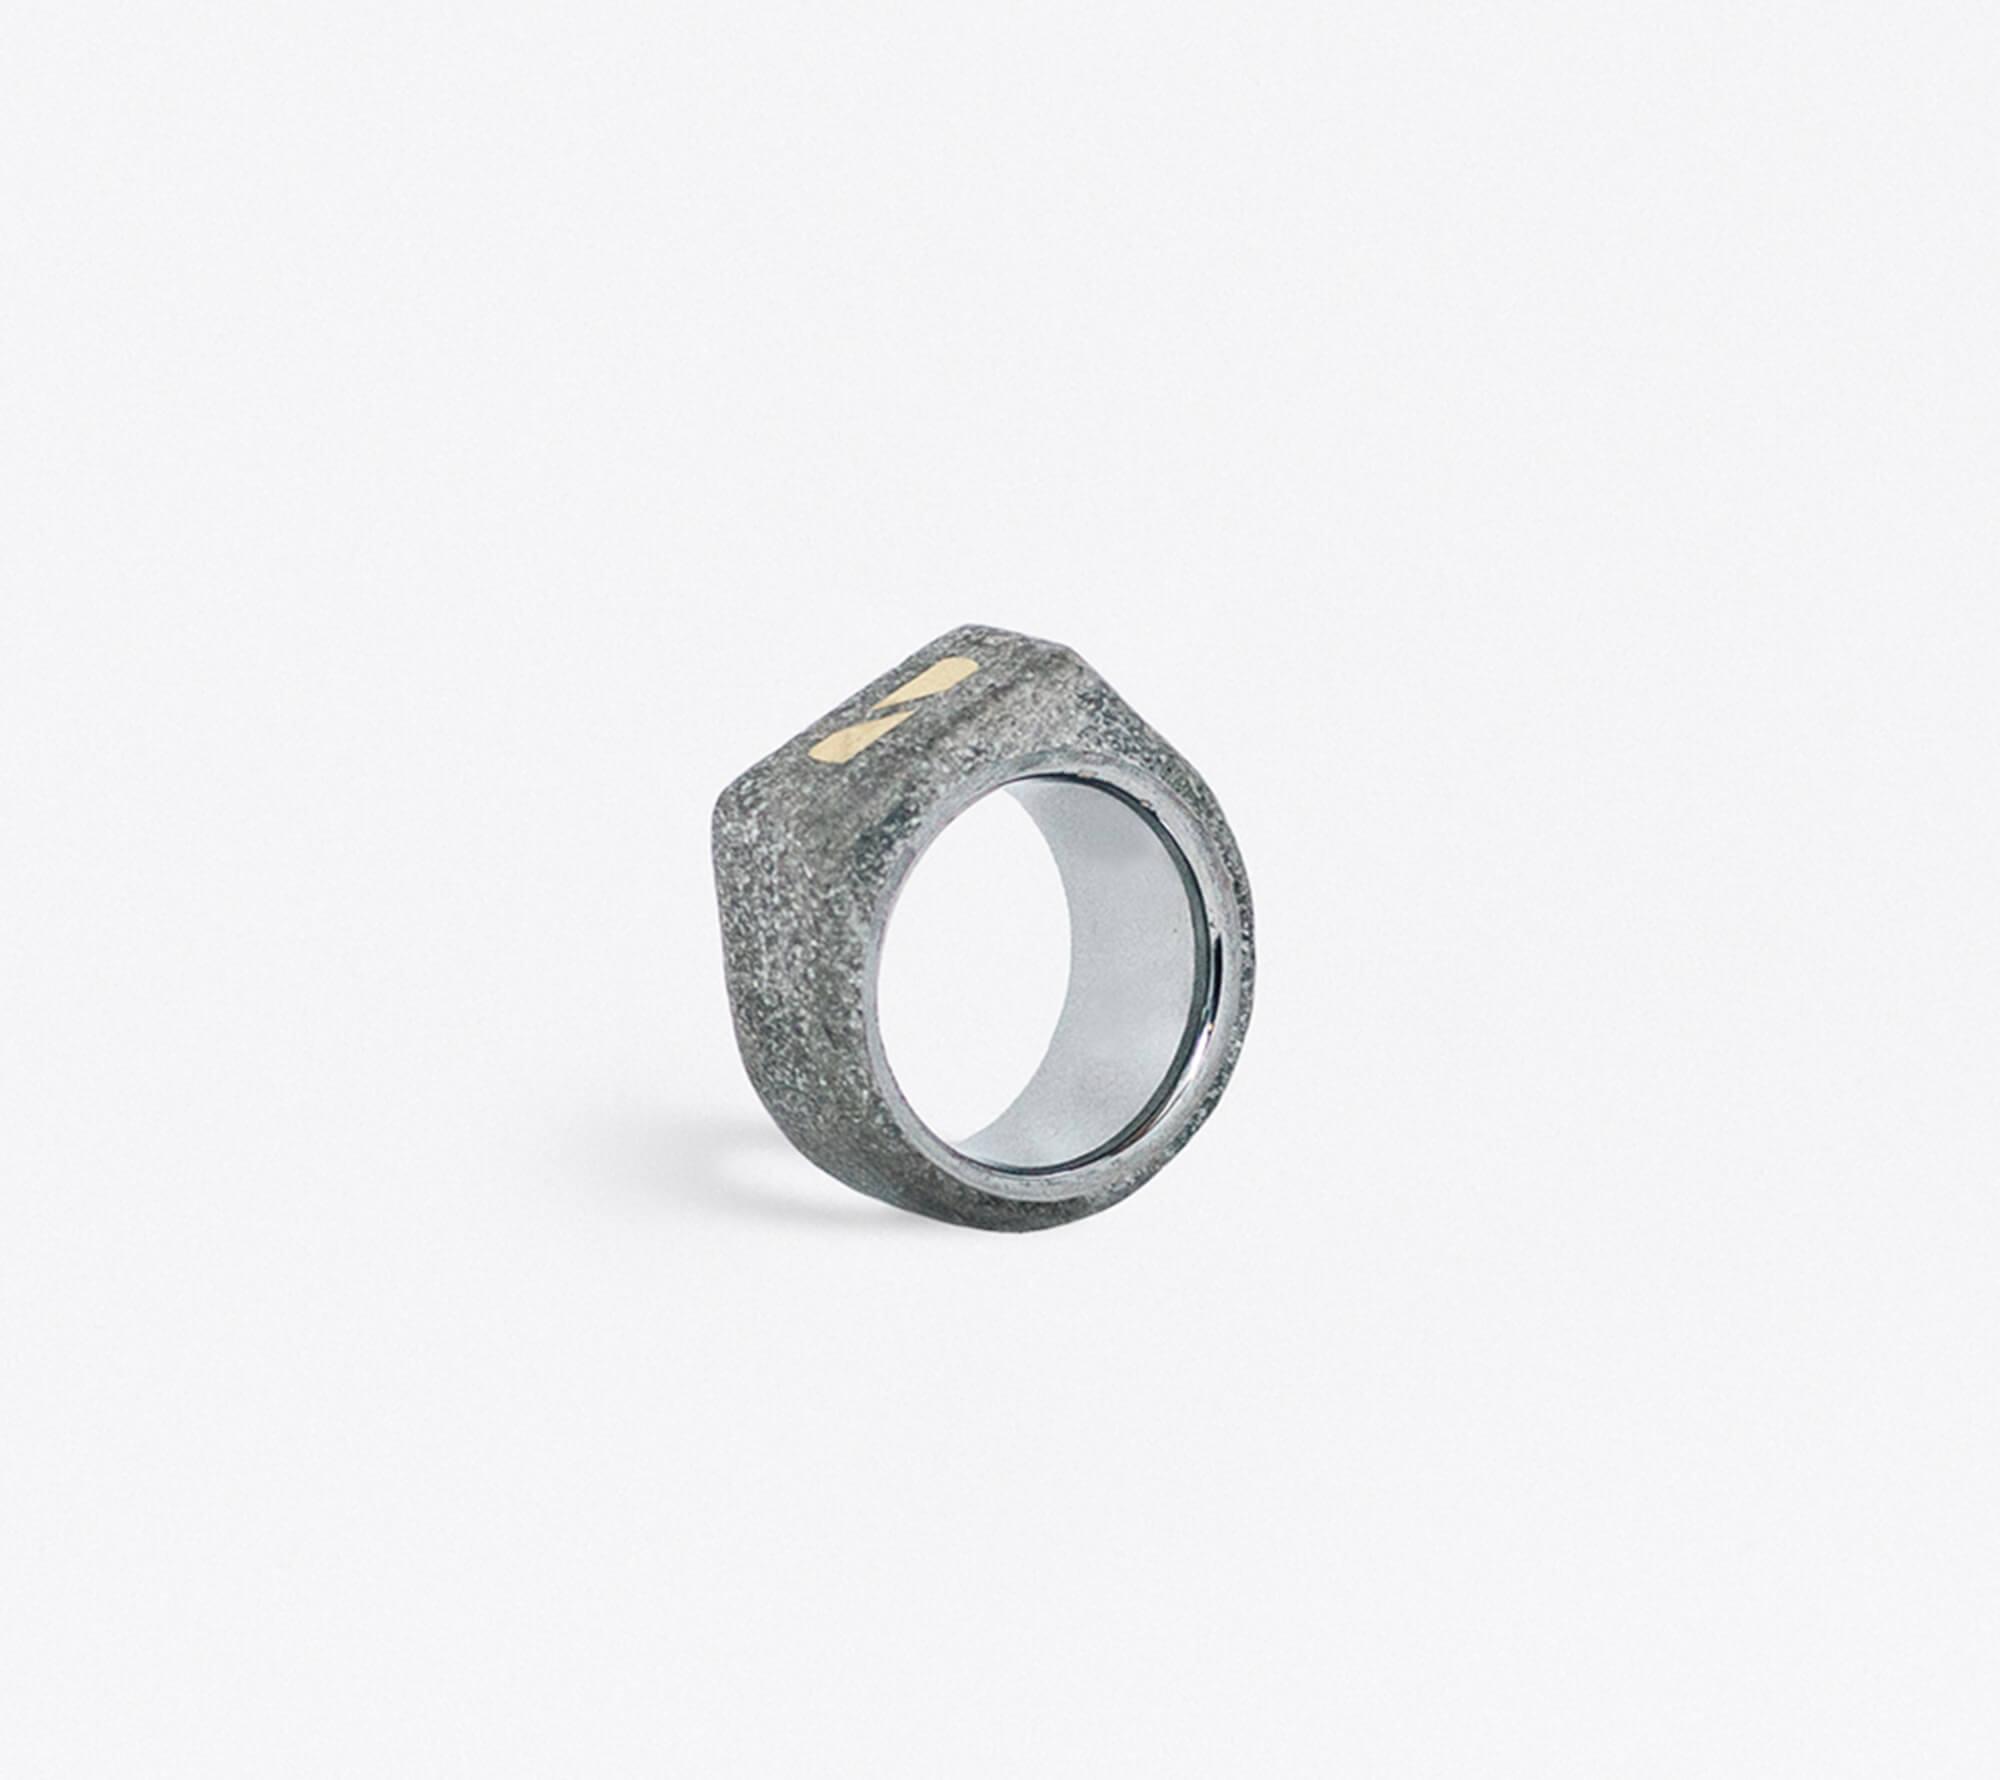 Ring by Yomo Studio